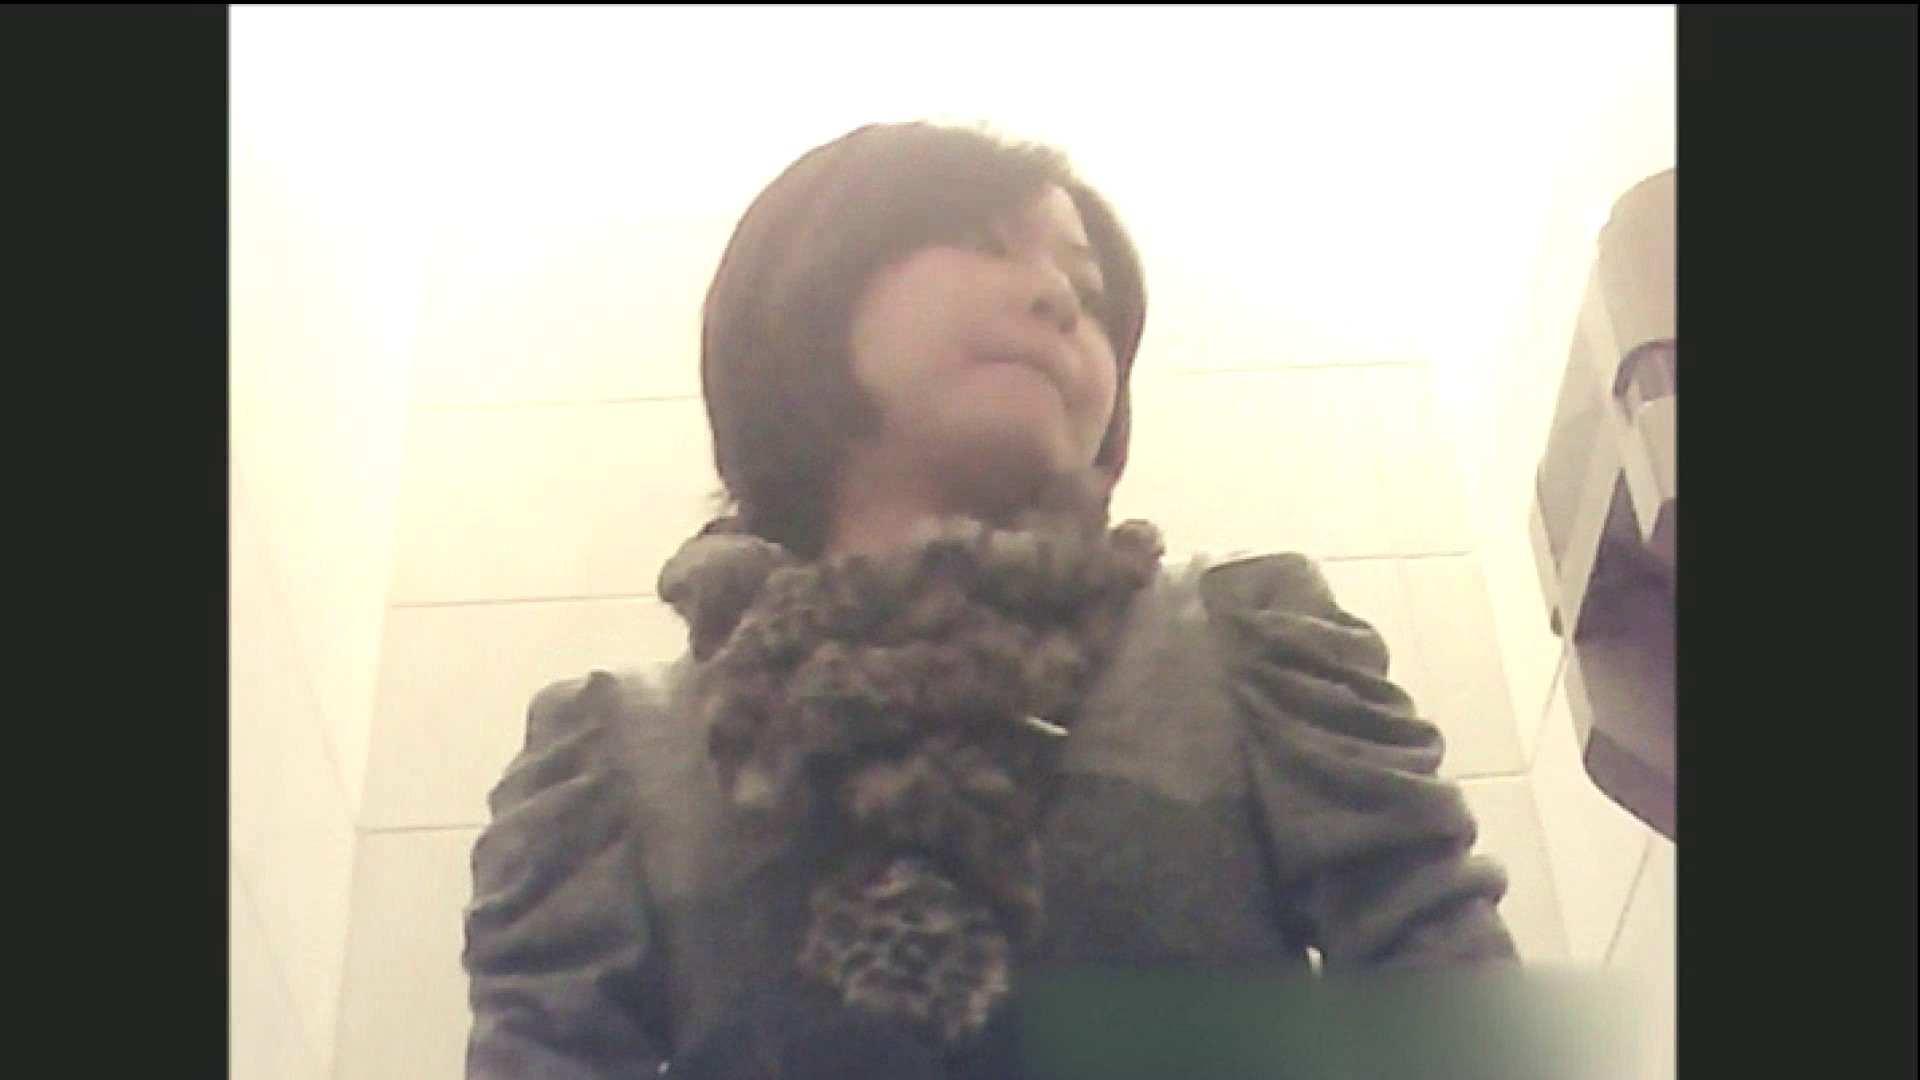 実録!!綺麗なお姉さんのトイレ事情・・・。vol.10 OLエロ画像 盗撮ヌード画像 92PICs 58